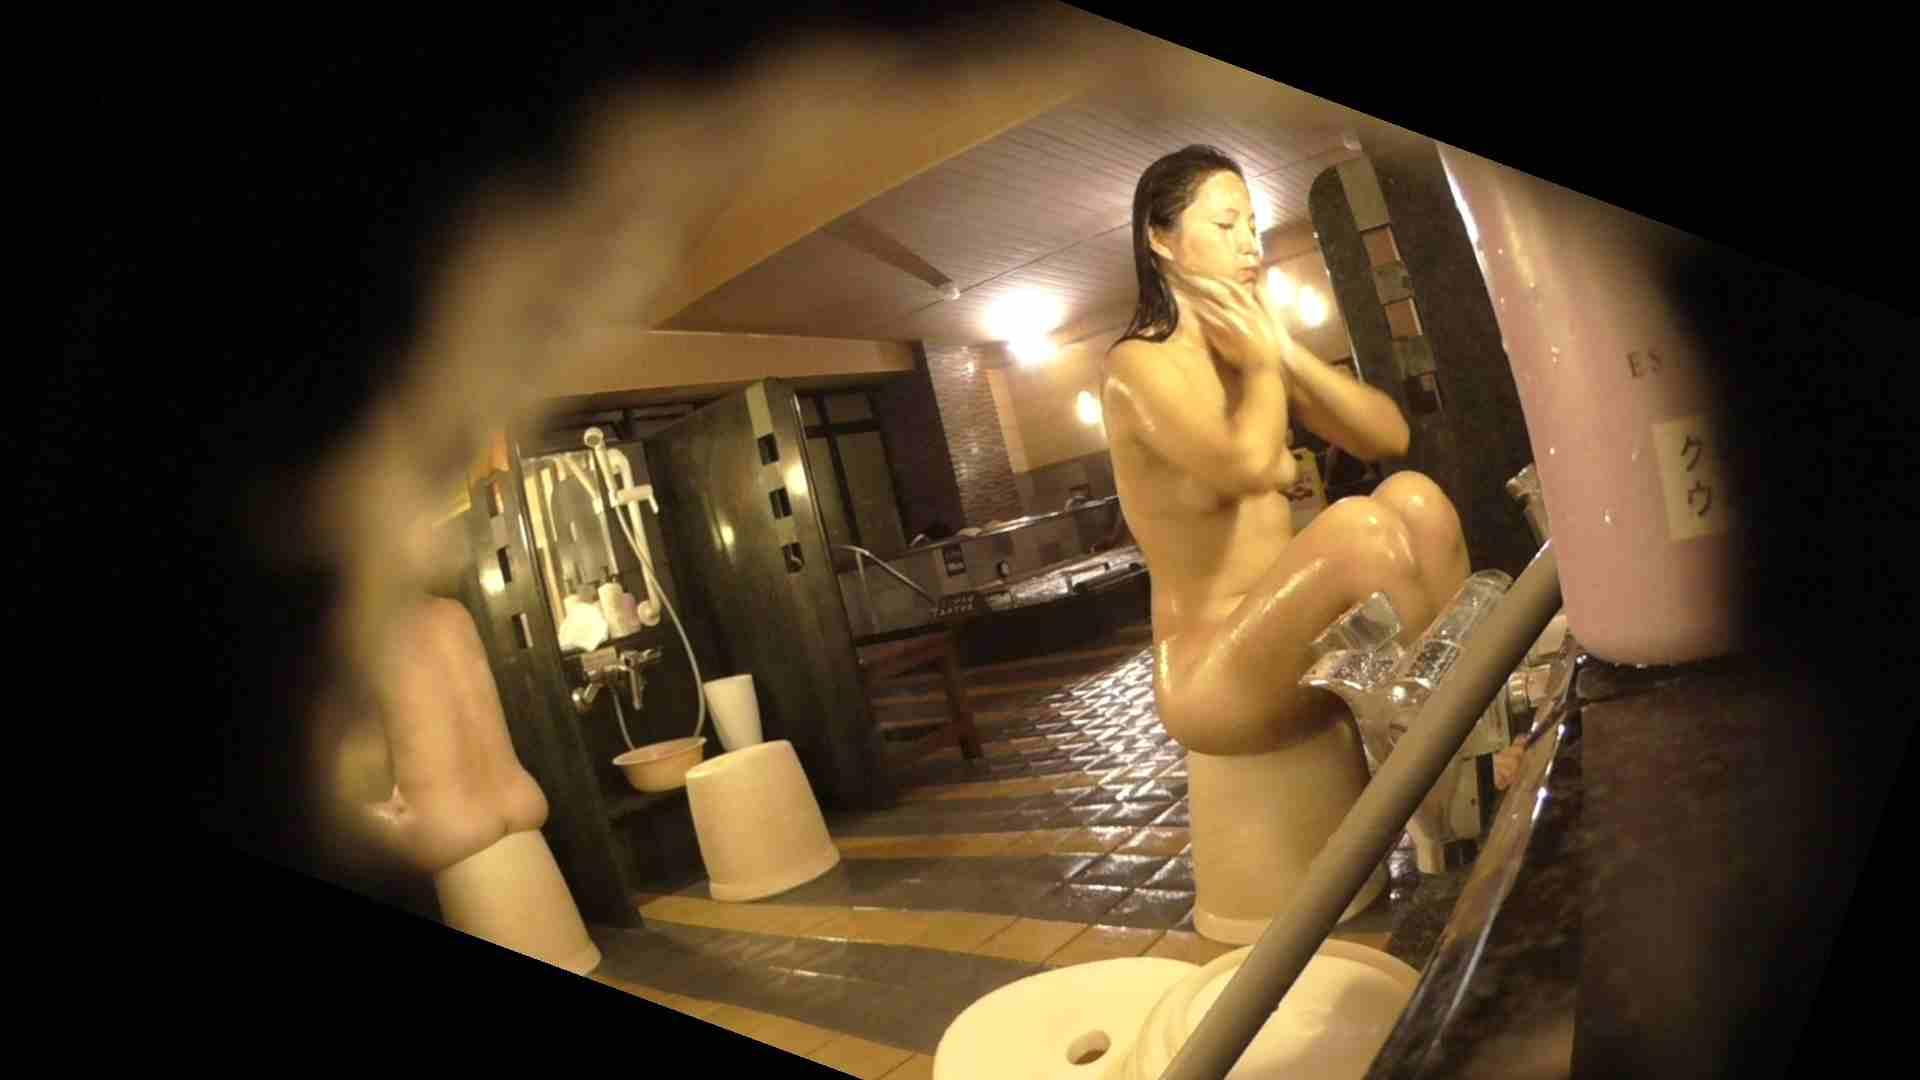 お風呂HEROの助手 vol.04 美乳 AV無料動画キャプチャ 88画像 58